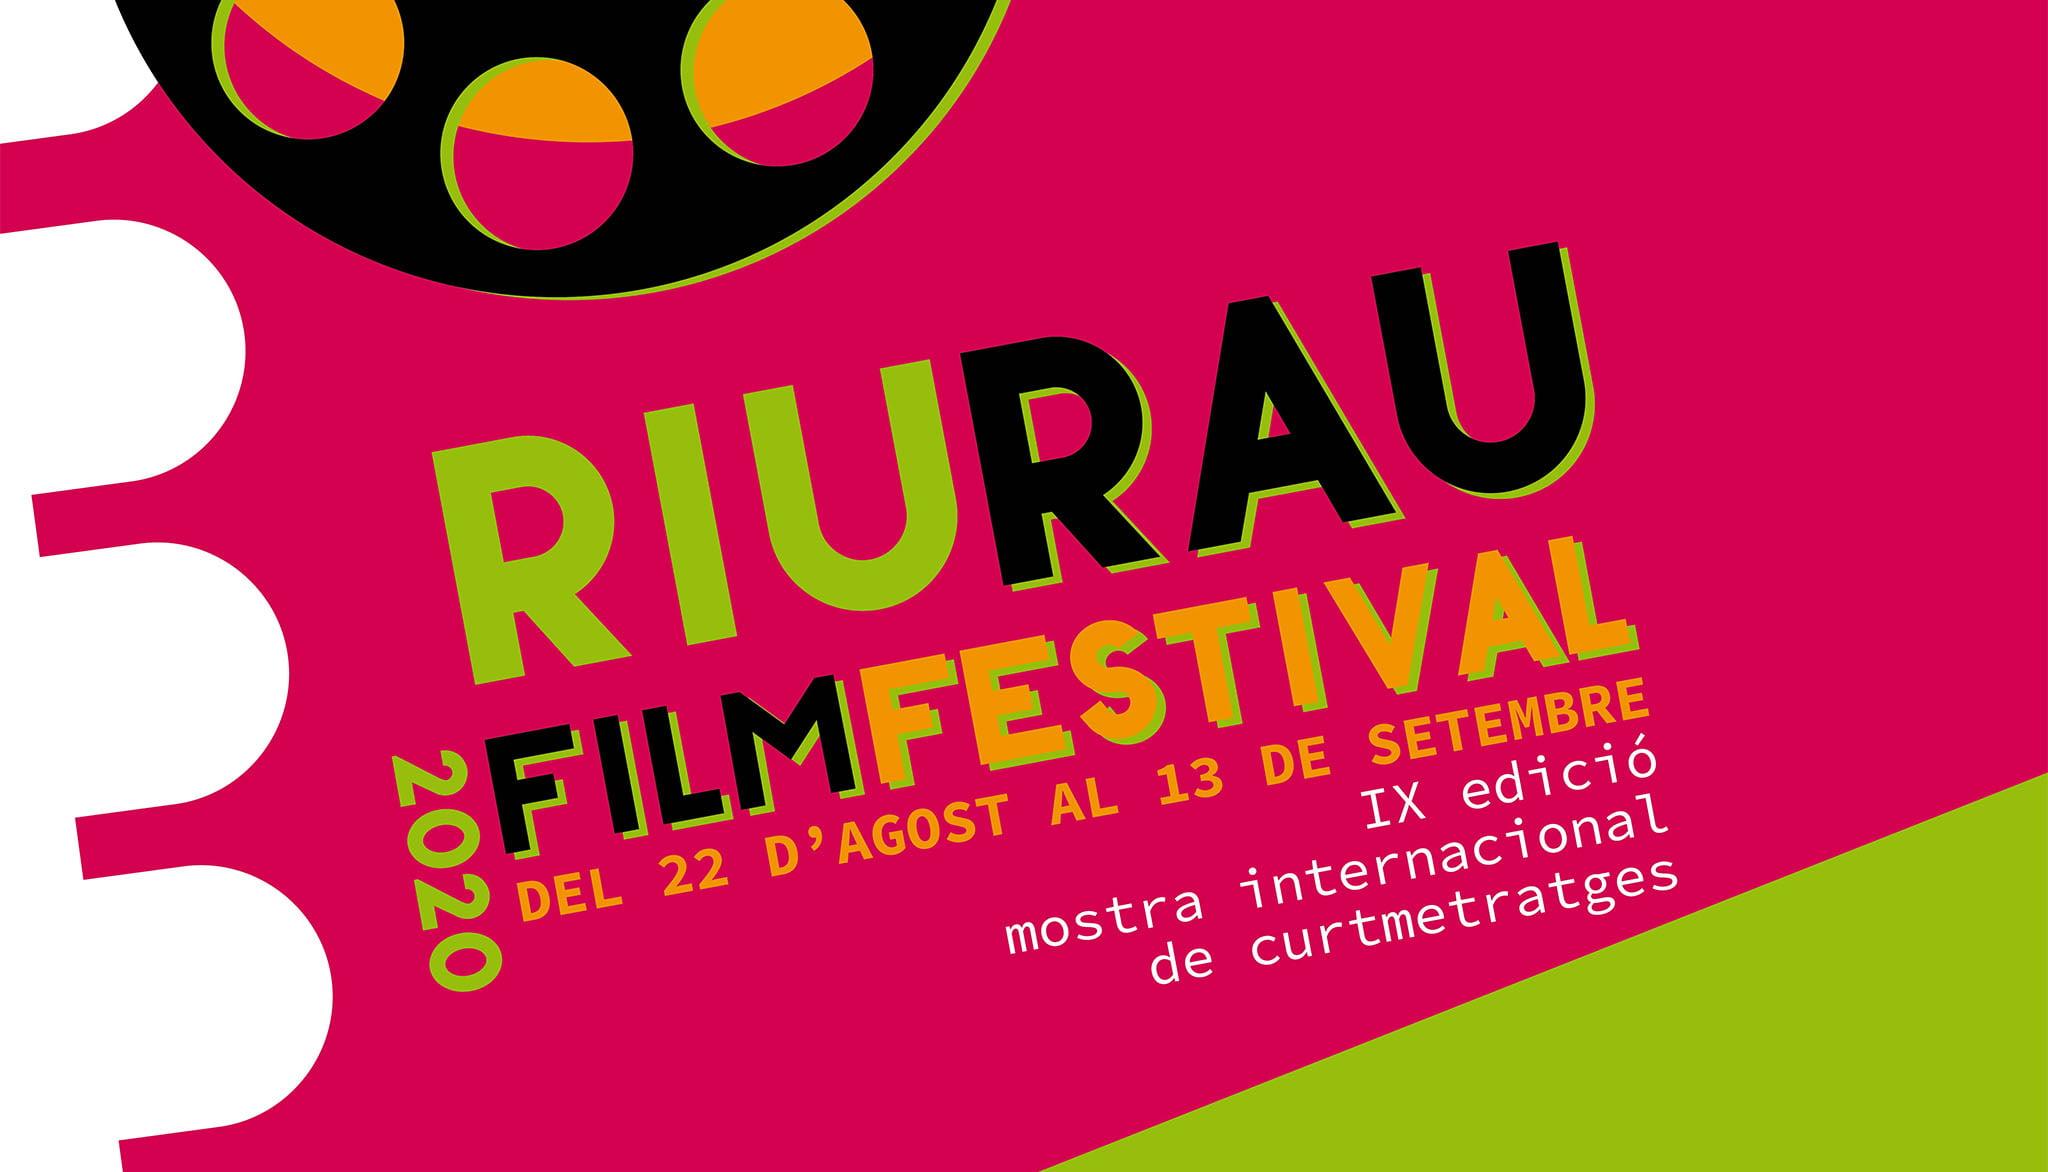 Riurau Film Festival 2020